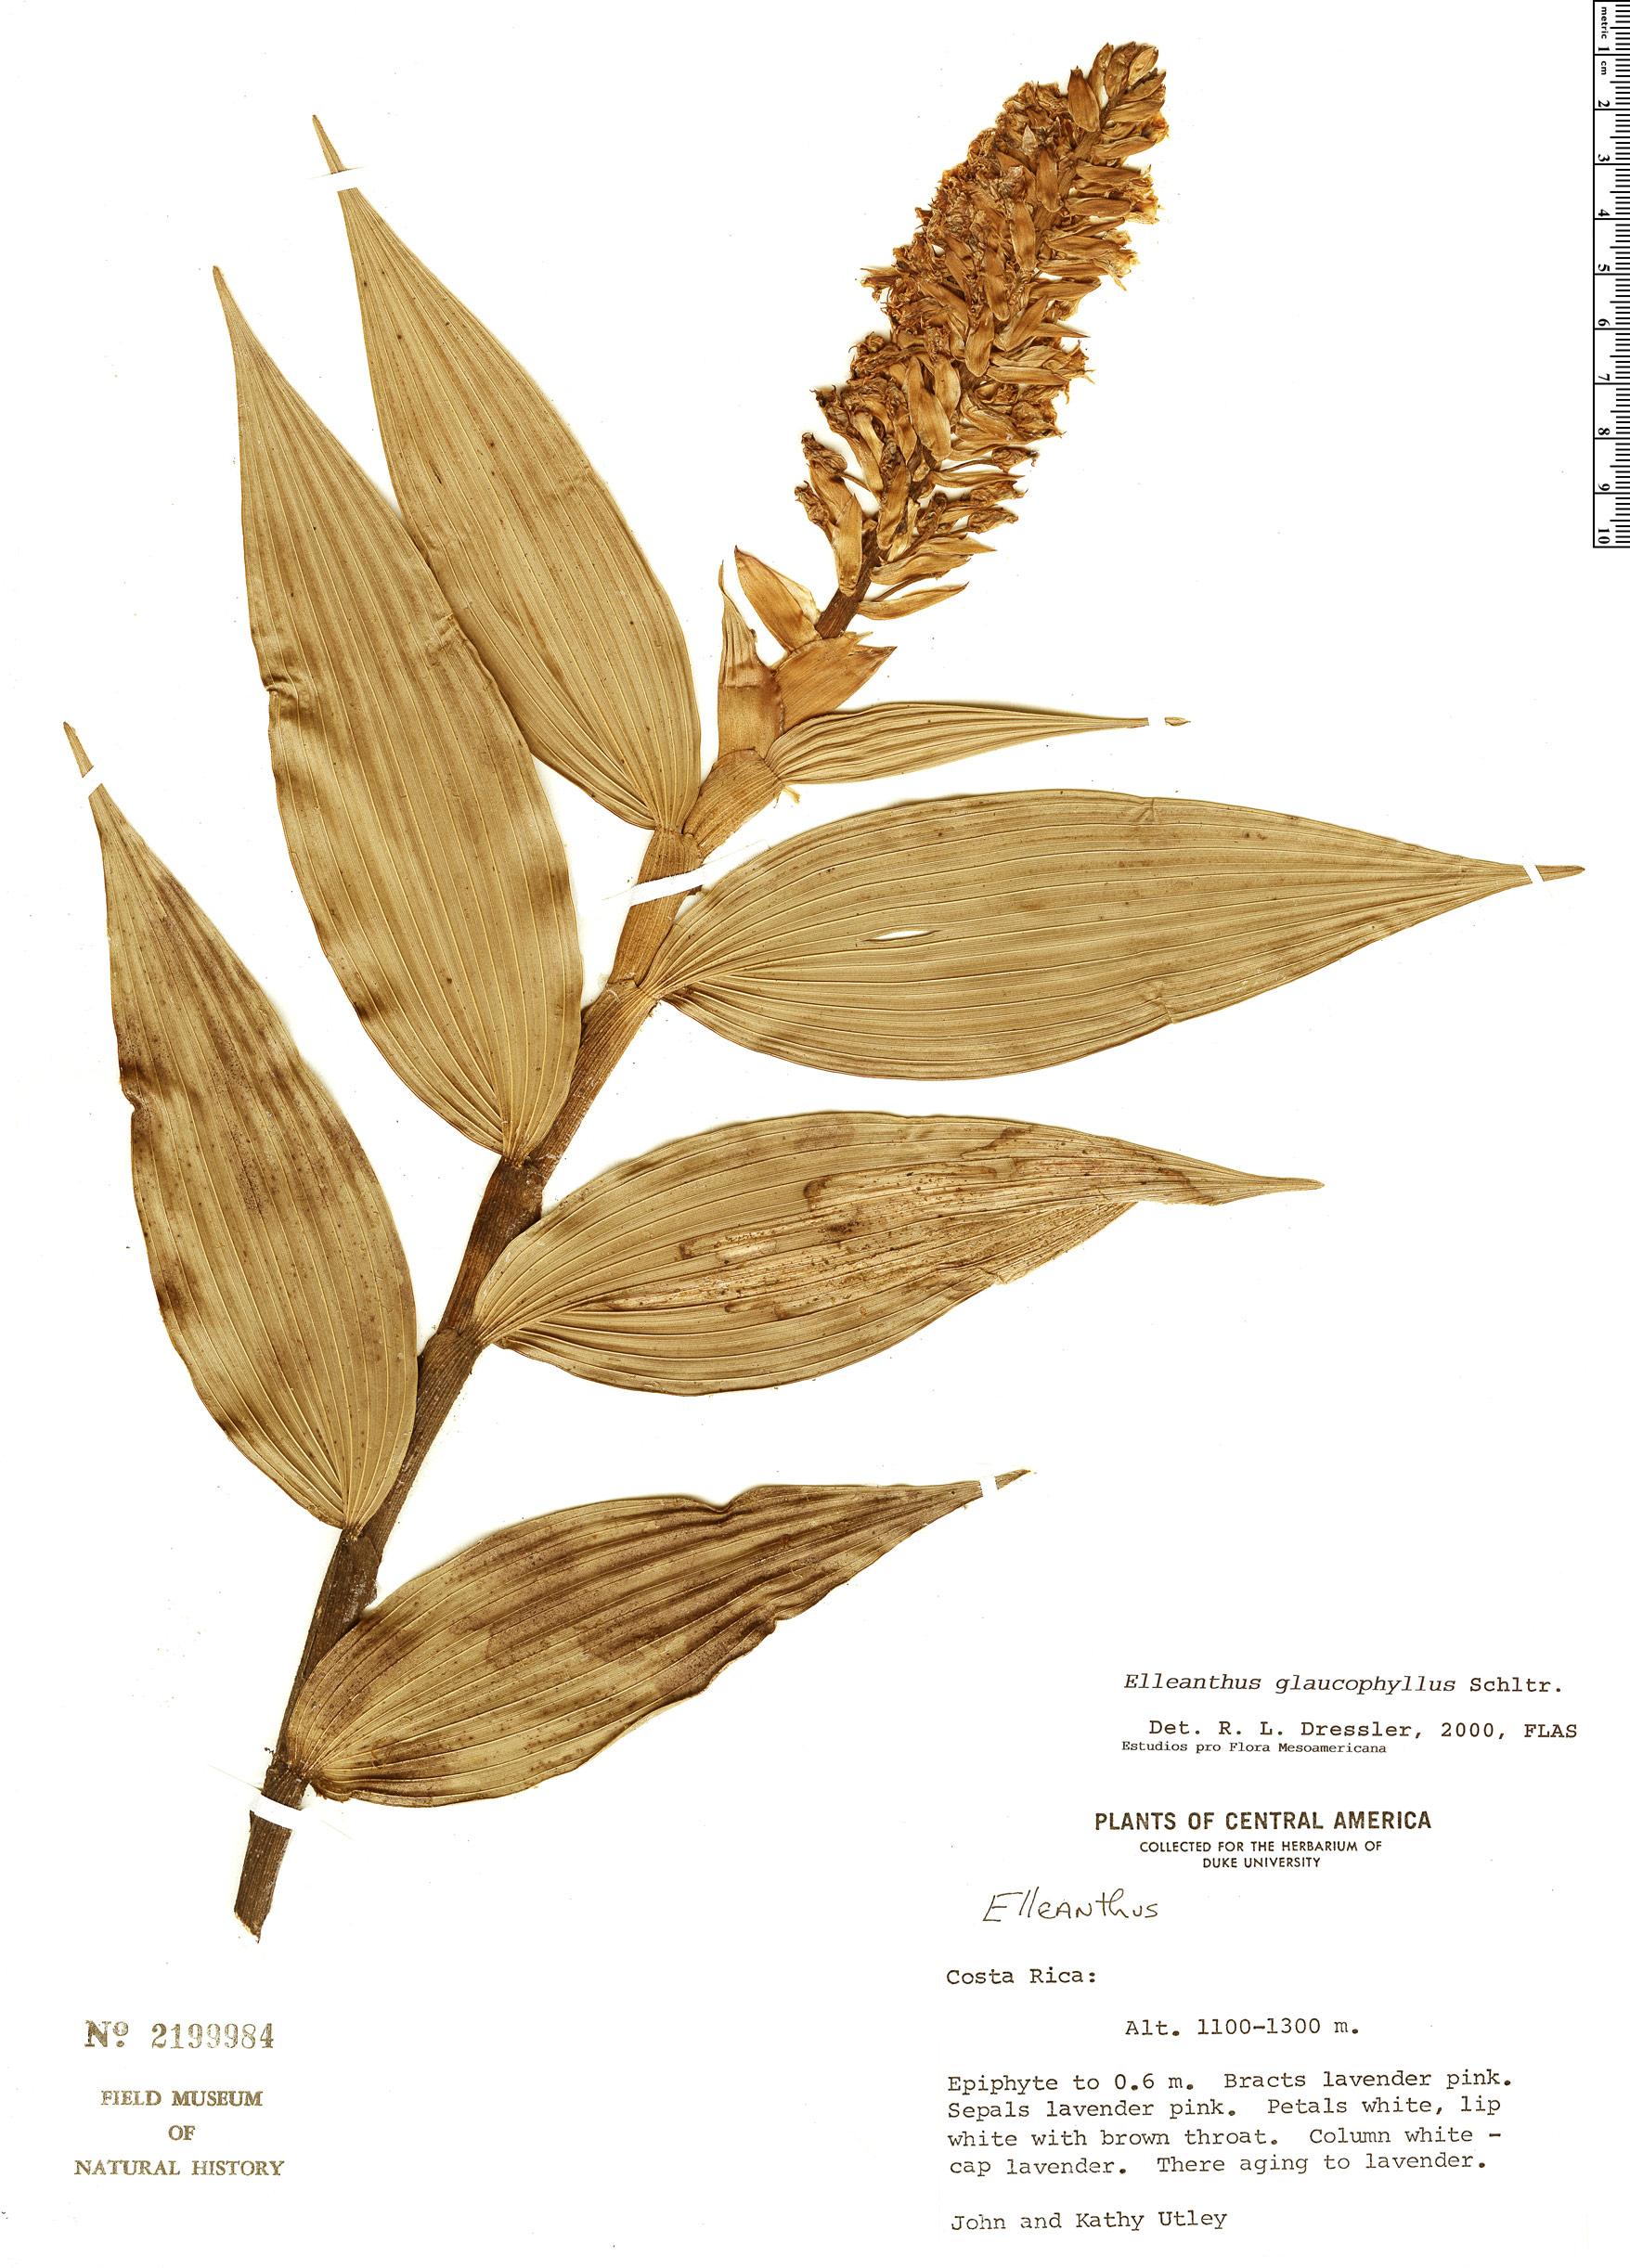 Specimen: Elleanthus glaucophyllus